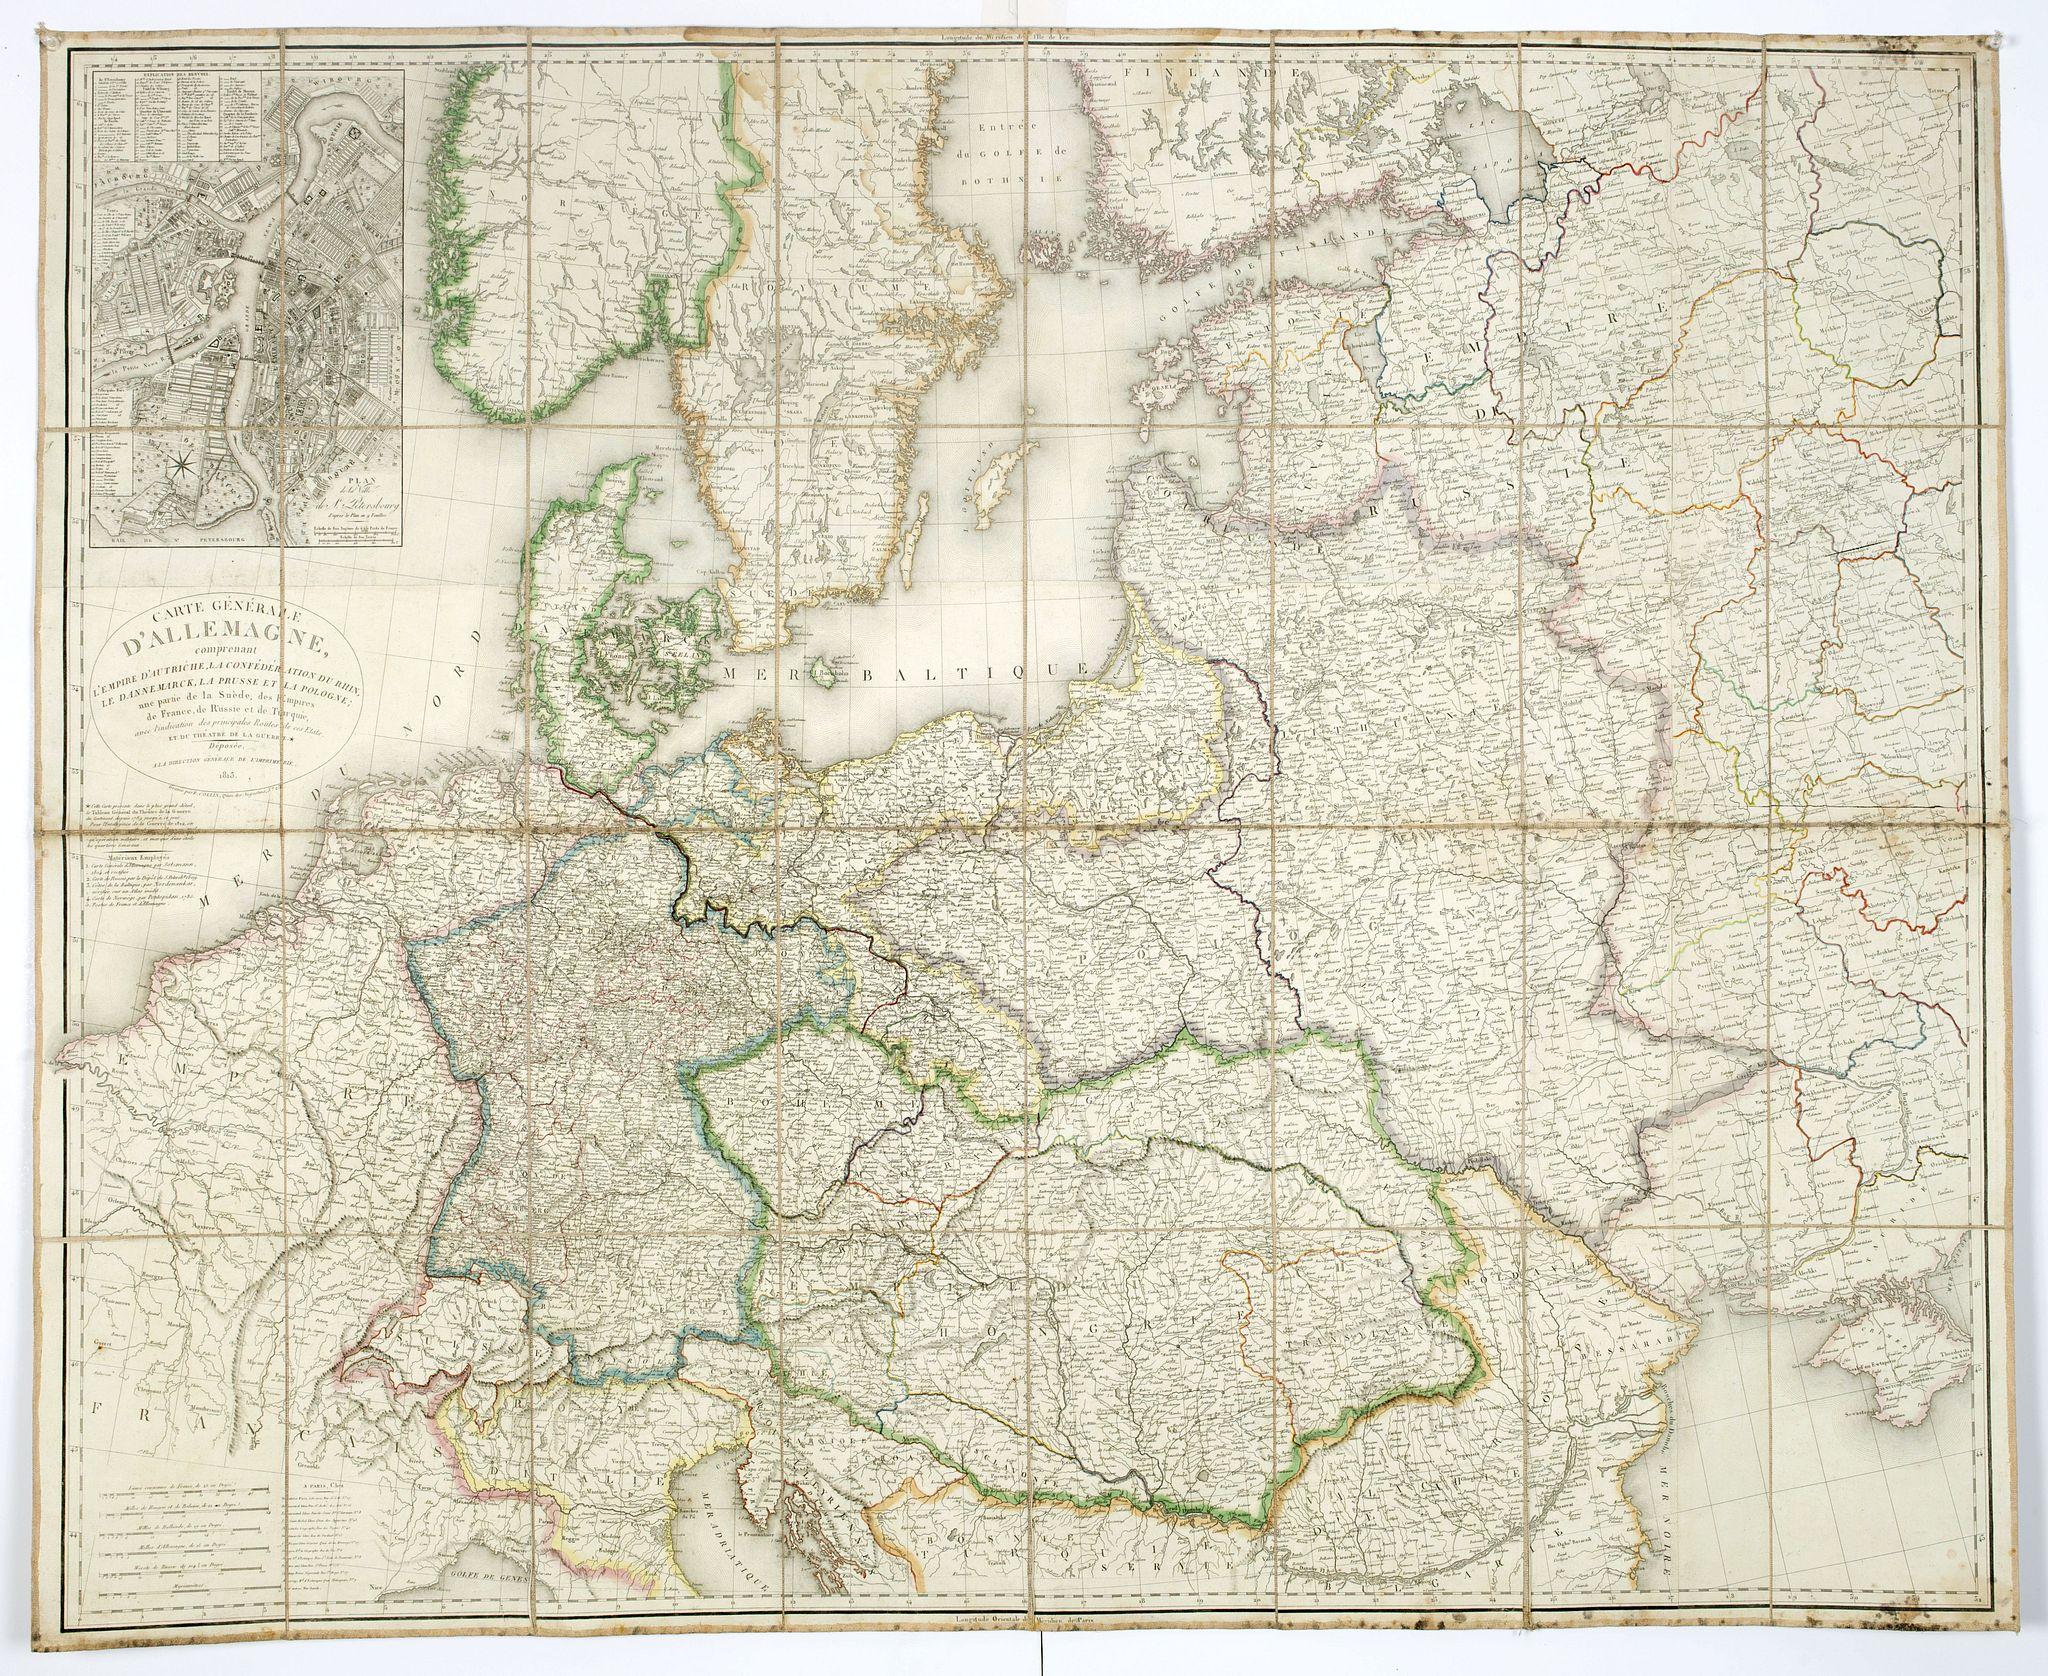 COLLIN, L. -  Carte générale d'Allemagne comprenant l'empire d'Autriche, la Confédération du Rhin, le Dannemarck, la Prusse et la Pologne, une partie de la Suède, des empires de France, de Russie et de Turquie . . .